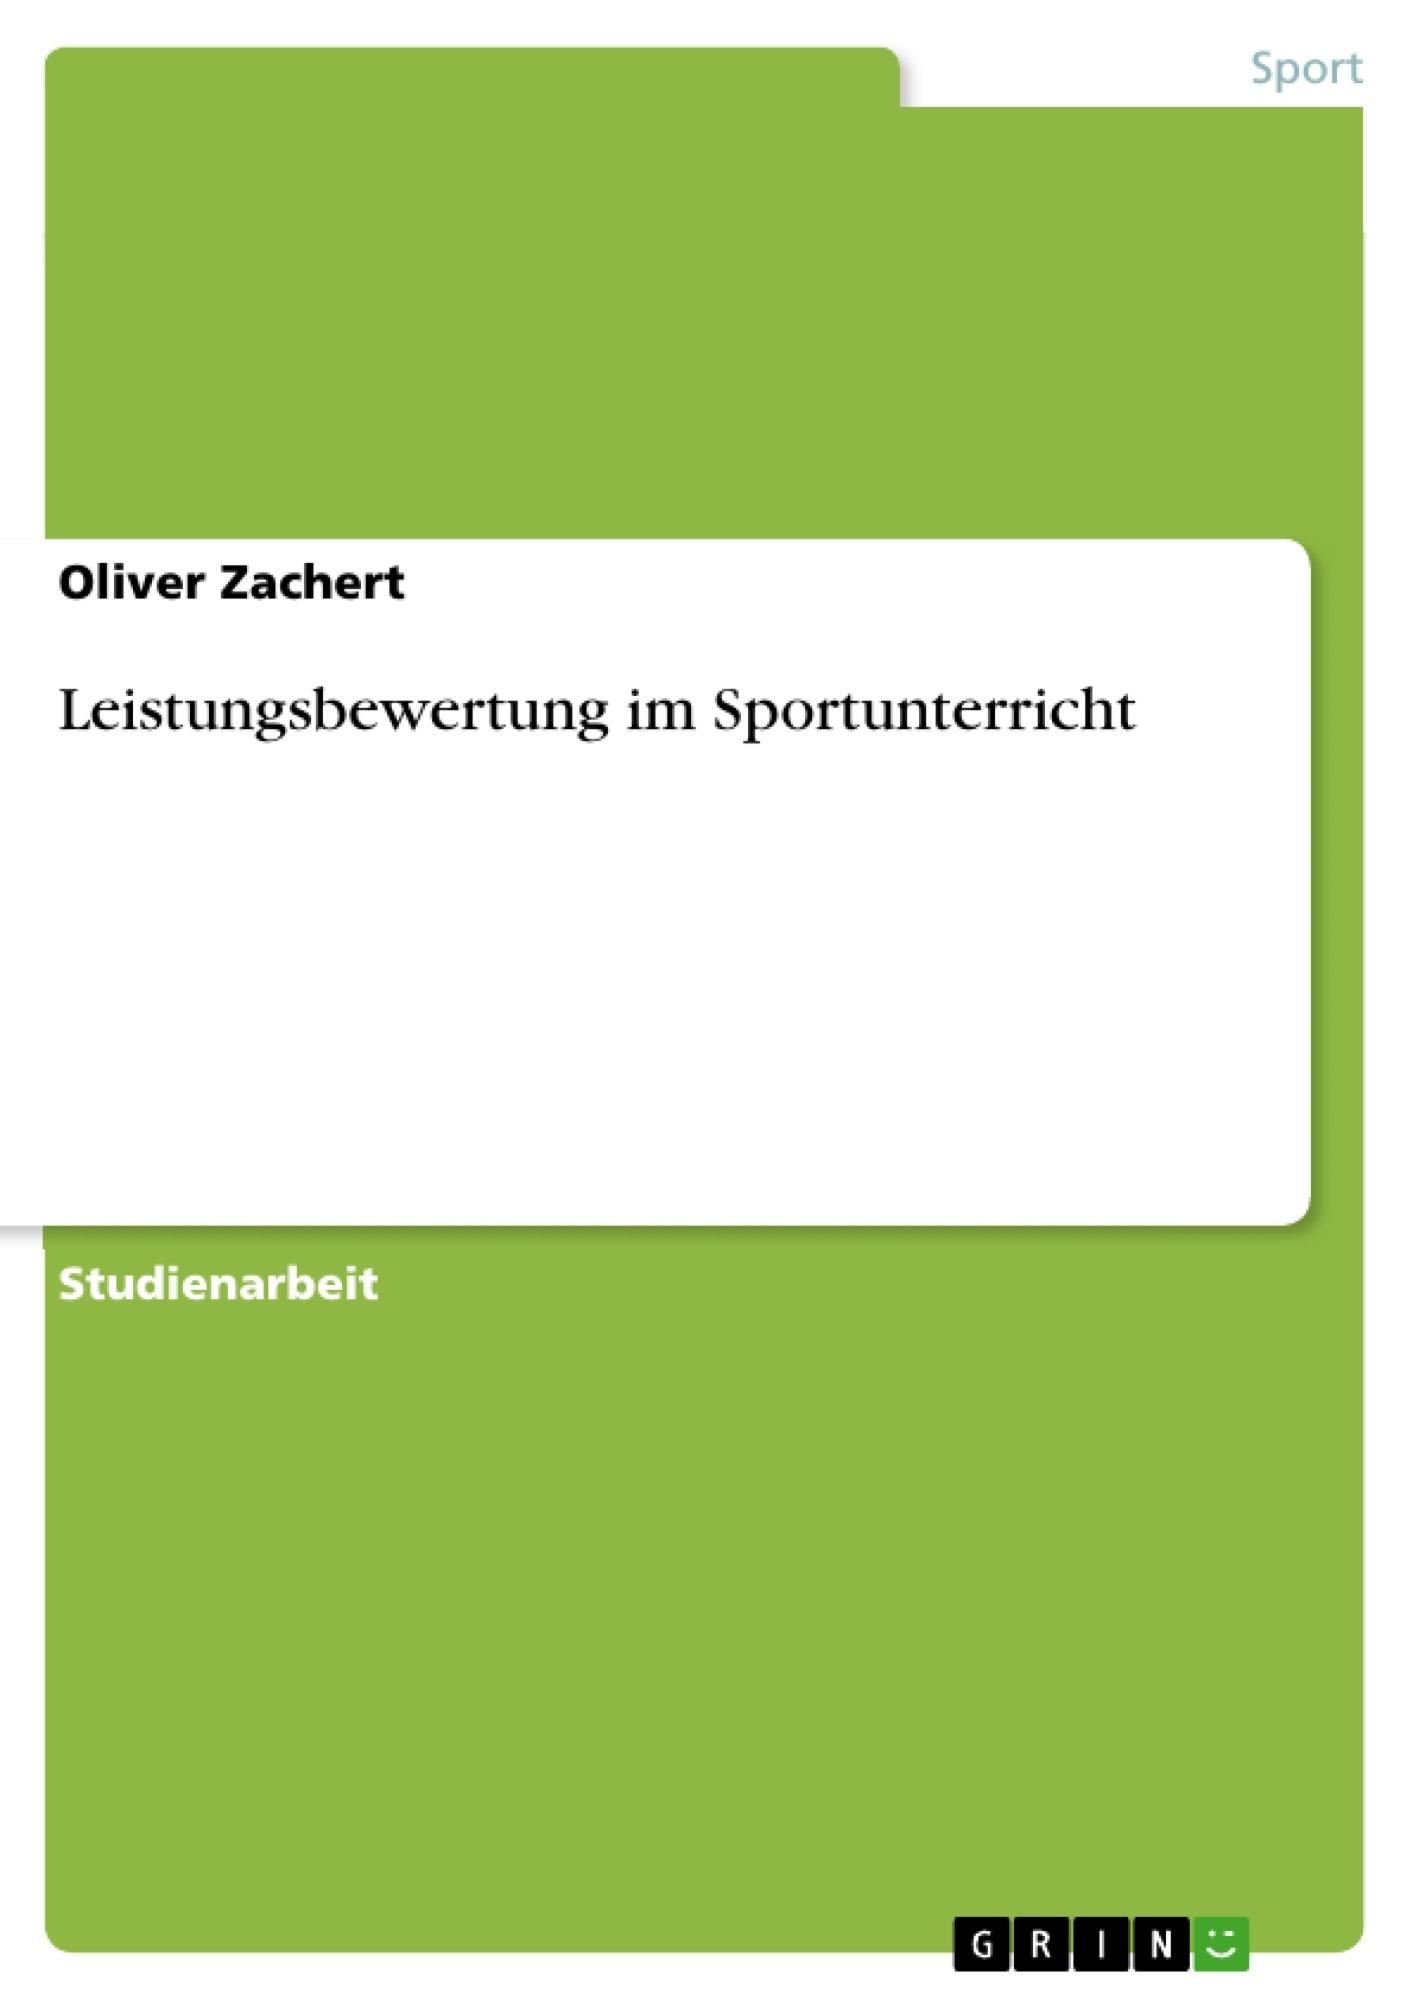 Titel: Leistungsbewertung im Sportunterricht